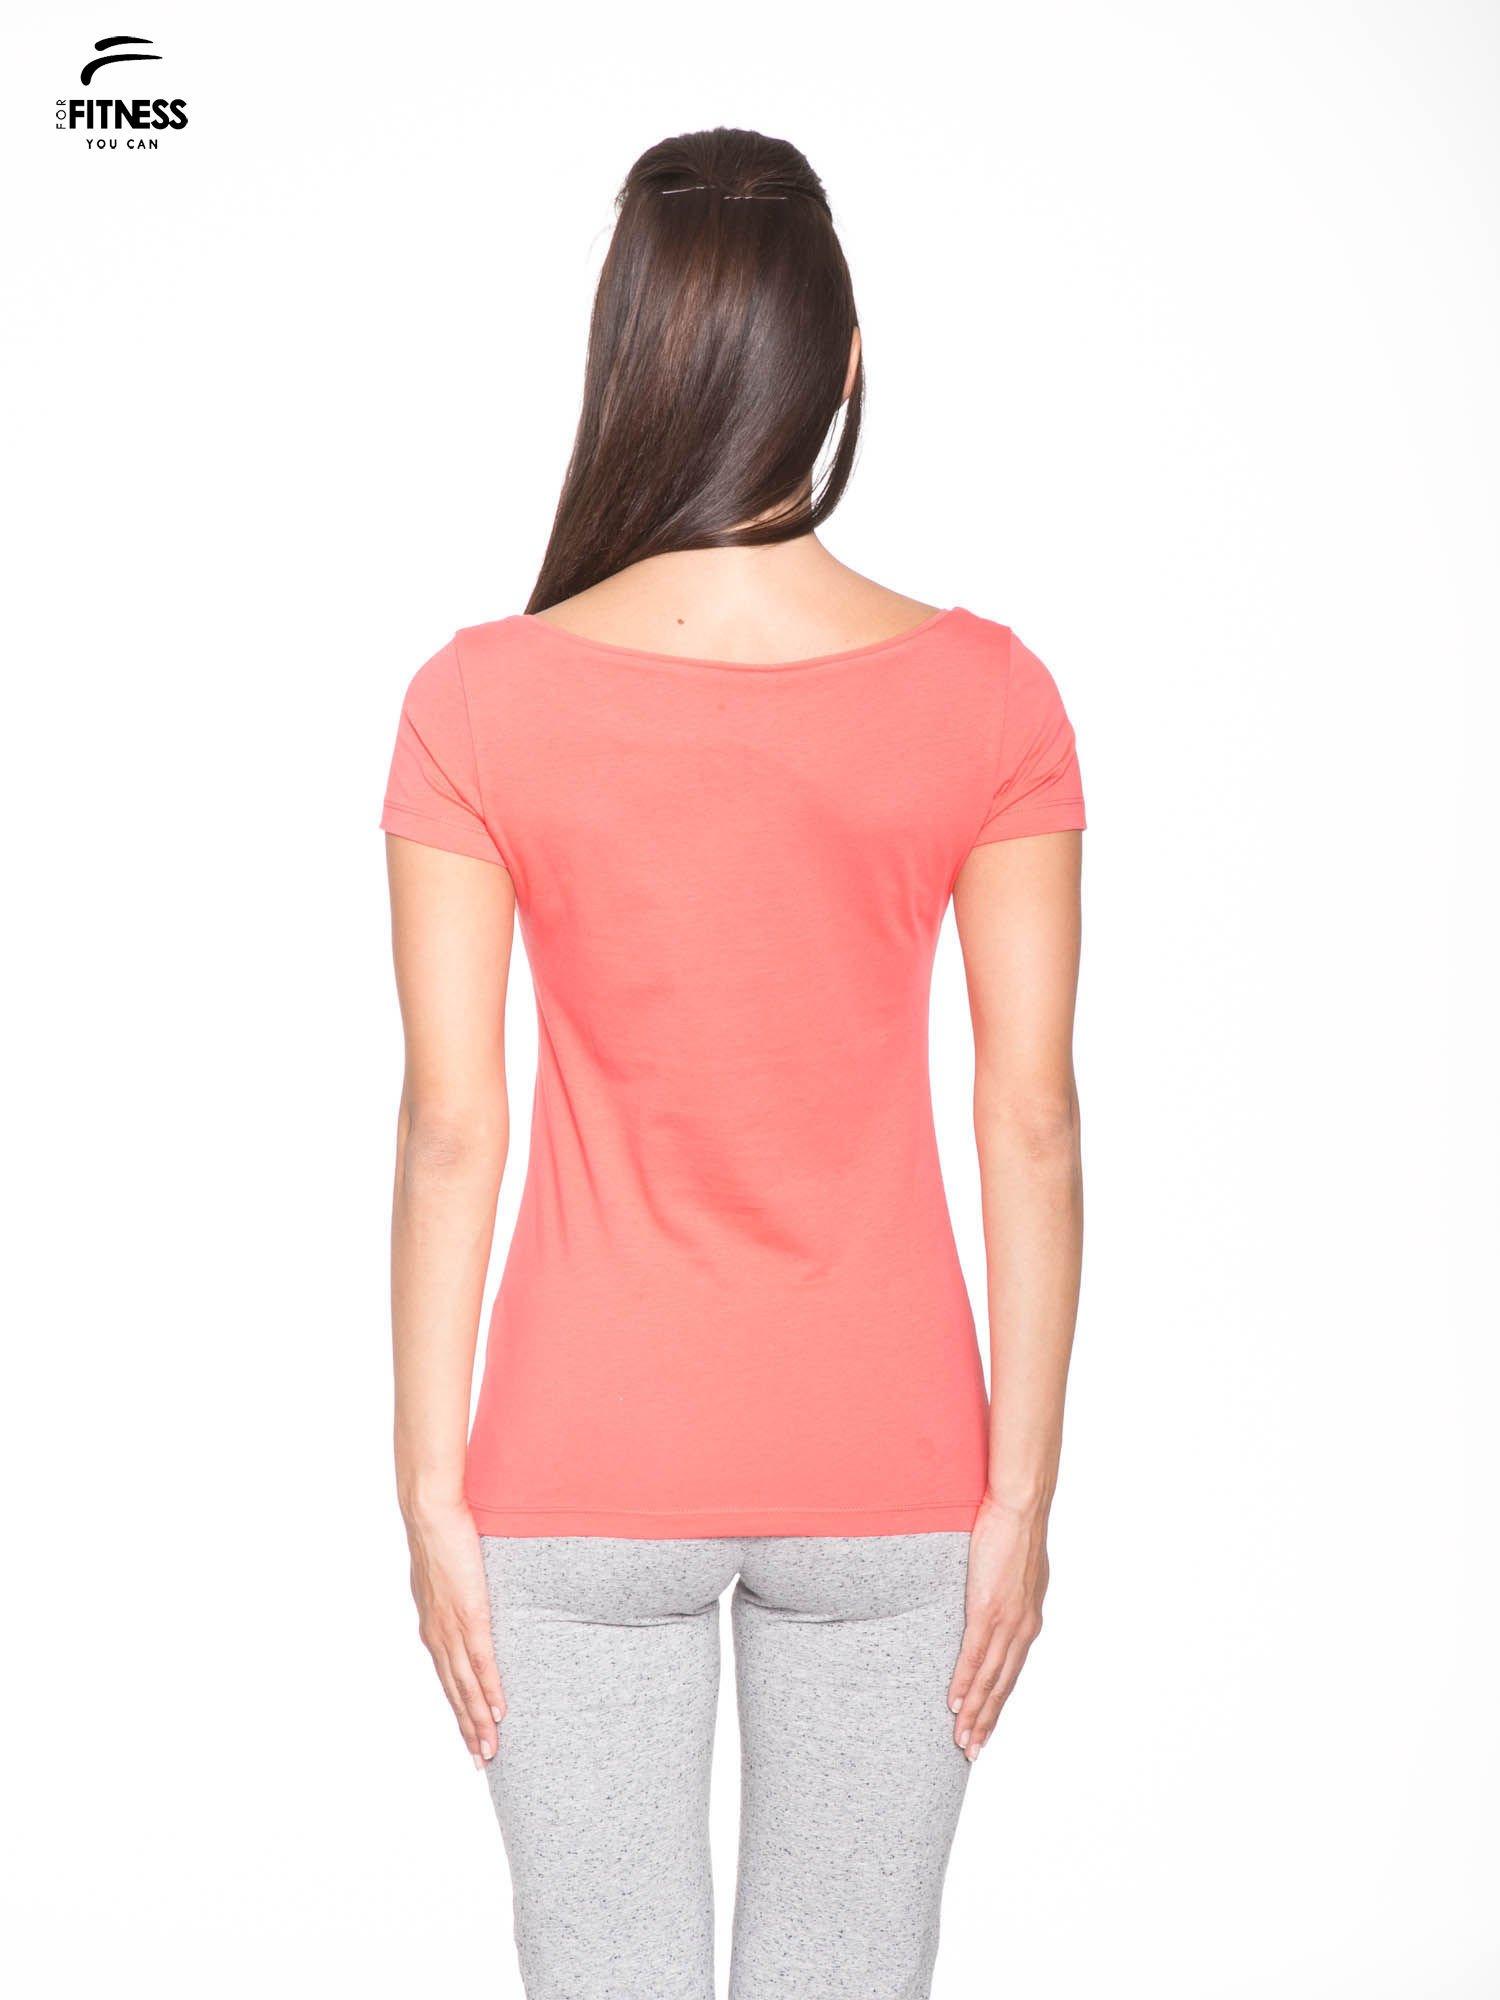 Koralowy bawełniany t-shirt z nadrukiem tekstowym WAKE UP WORK OUT                                  zdj.                                  4